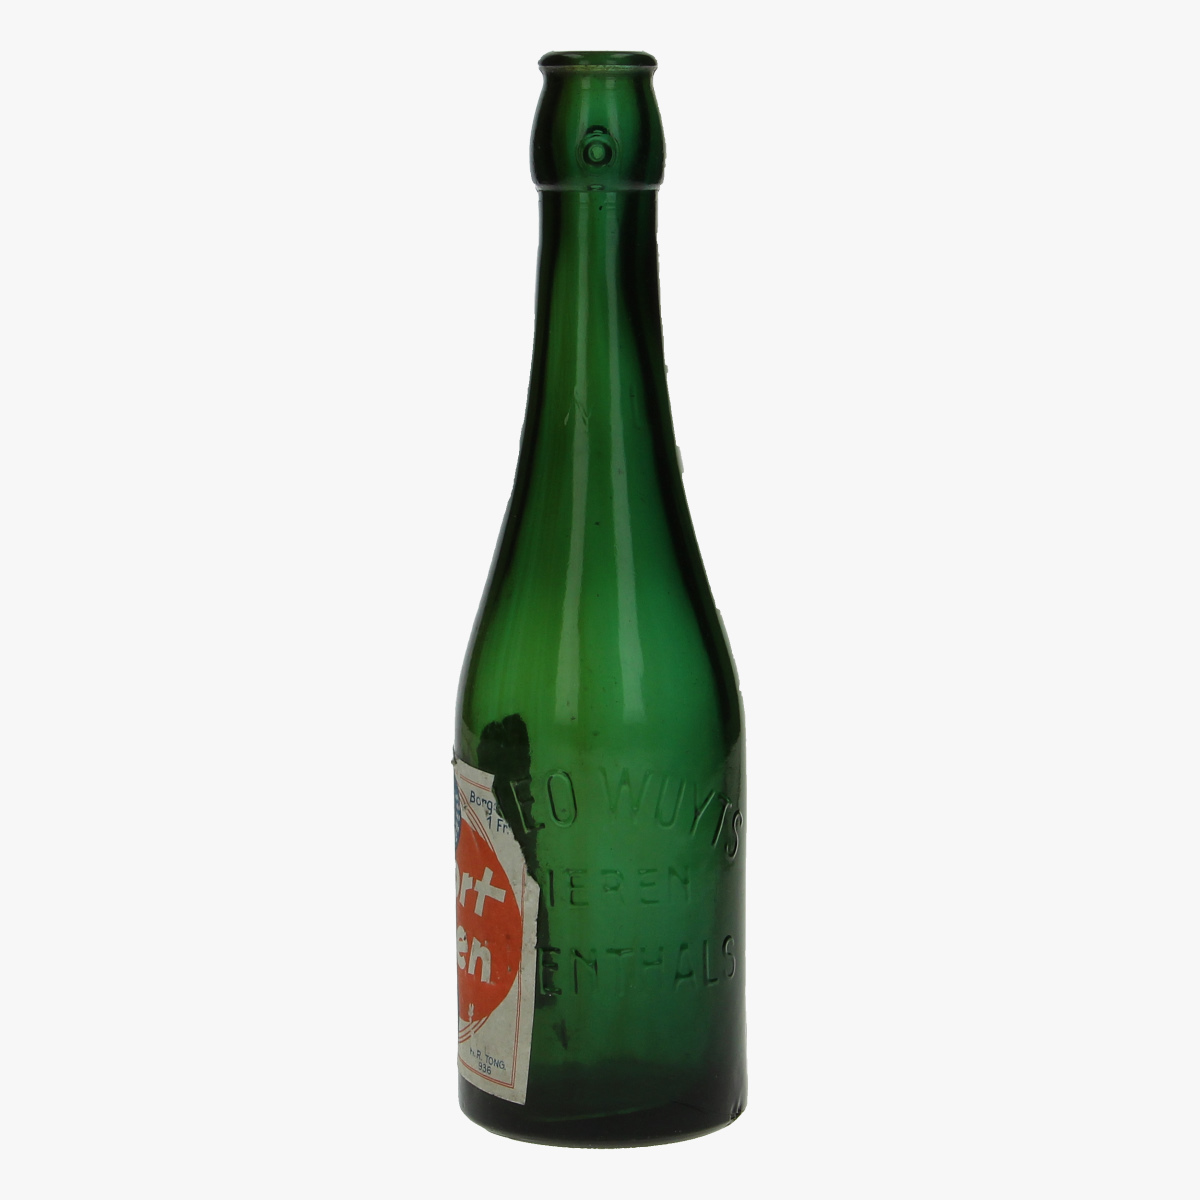 Afbeeldingen van oud bierflesje export Alken